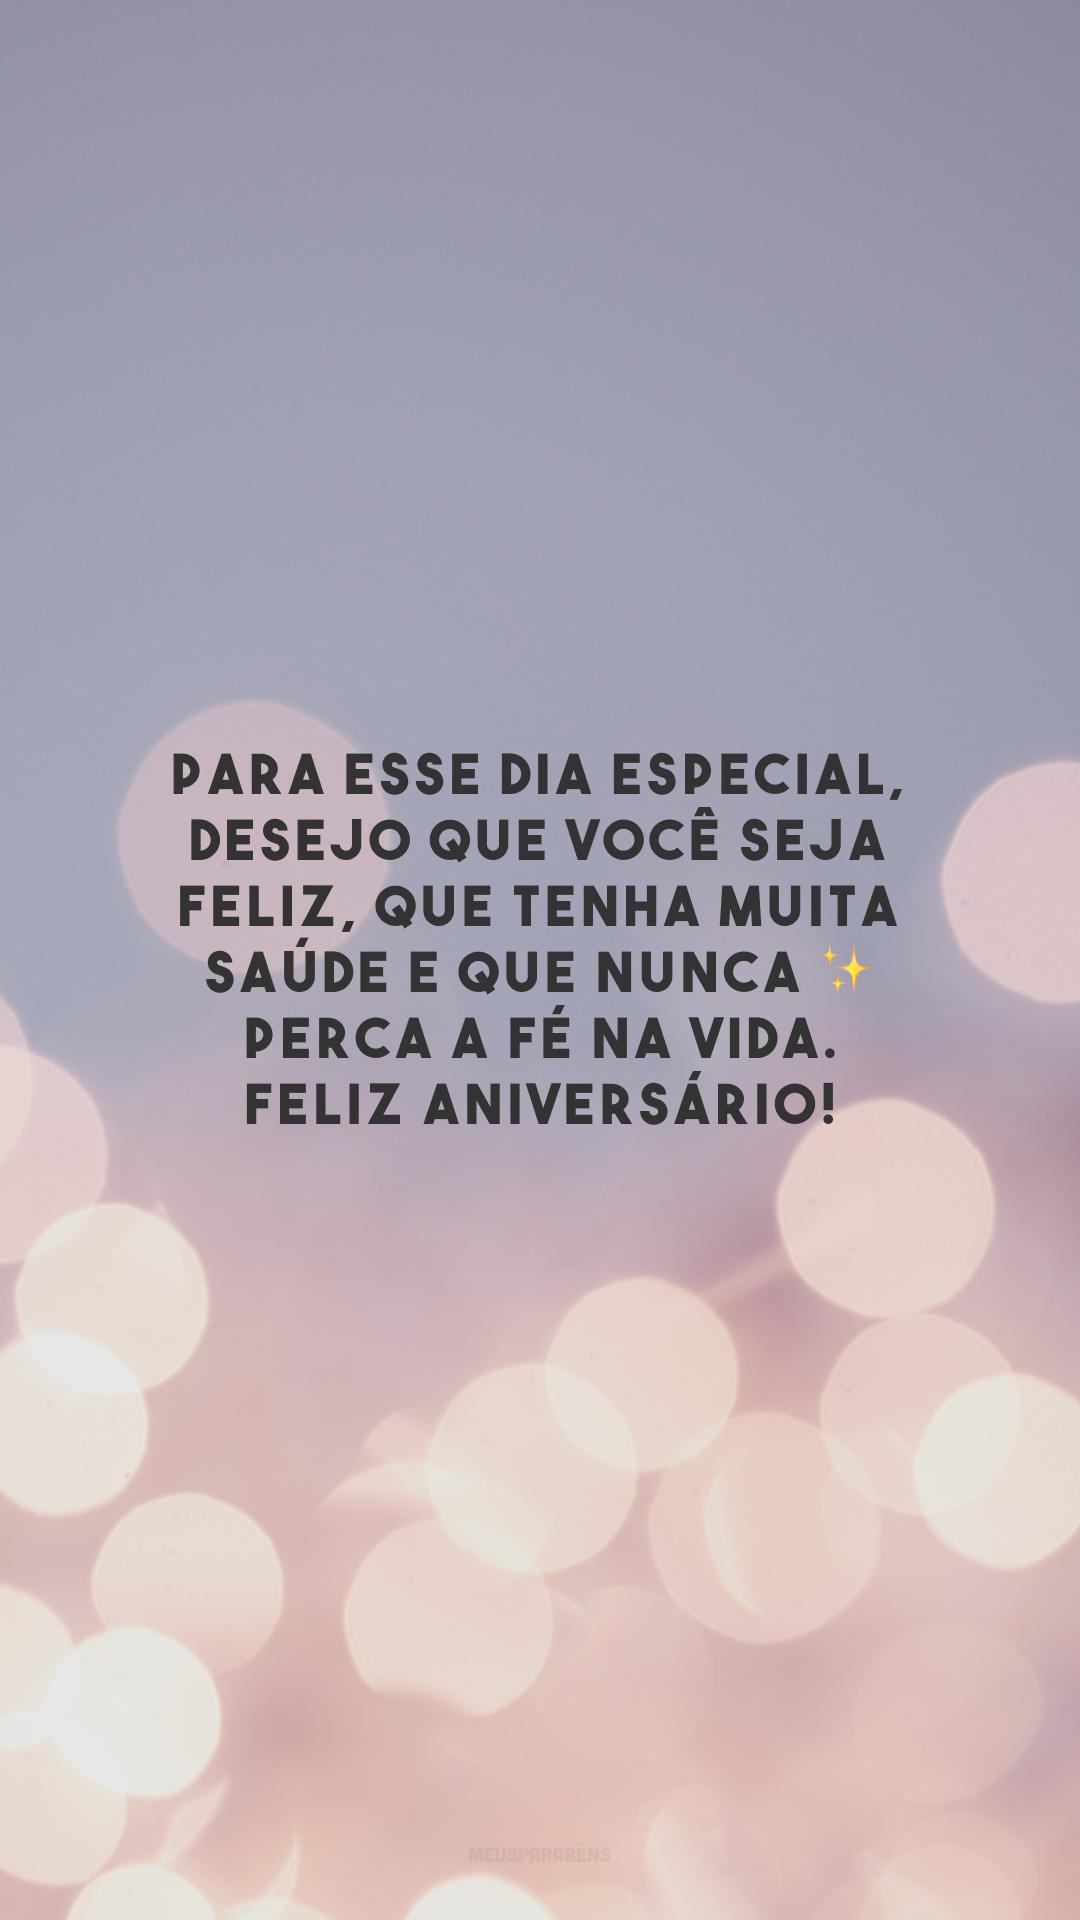 Para esse dia especial, desejo que você seja feliz, que tenha muita saúde e que nunca ✨ perca a fé na vida. Feliz aniversário!